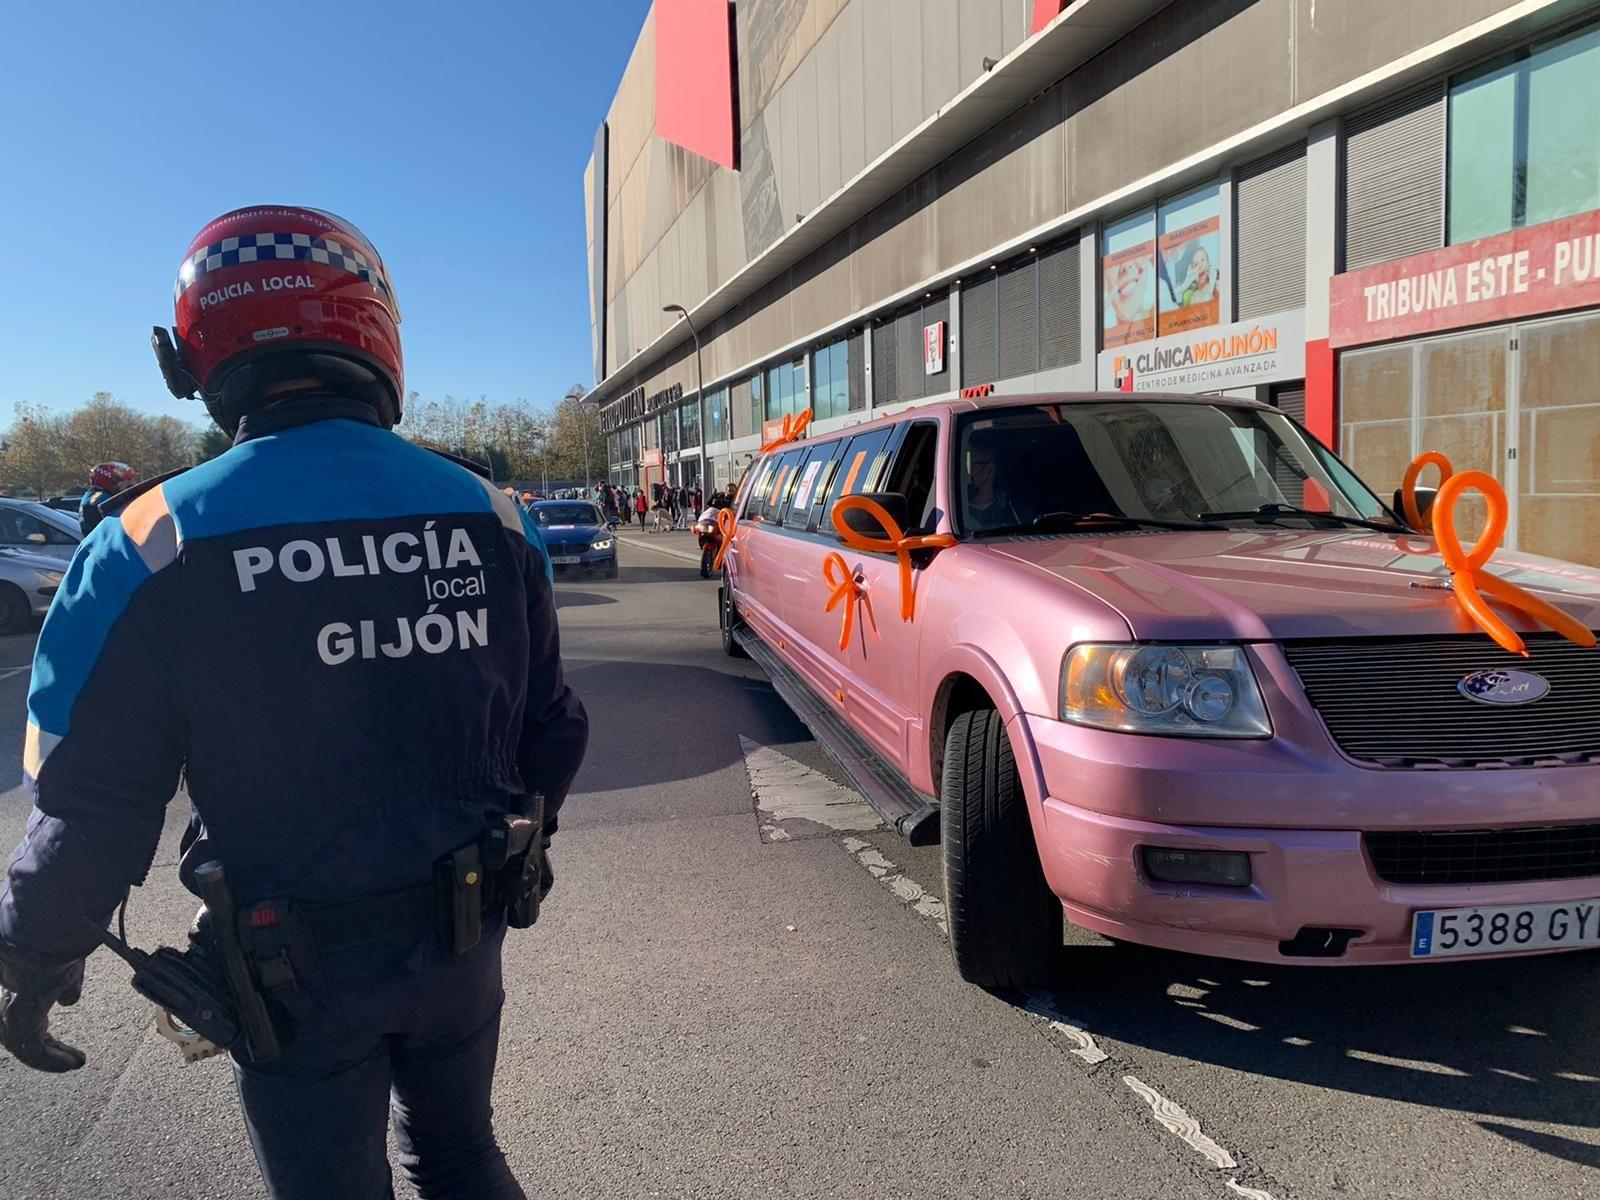 La concertada organiza una gran protesta a coche en Oviedo y Gijón contra la 'Ley Celaá'